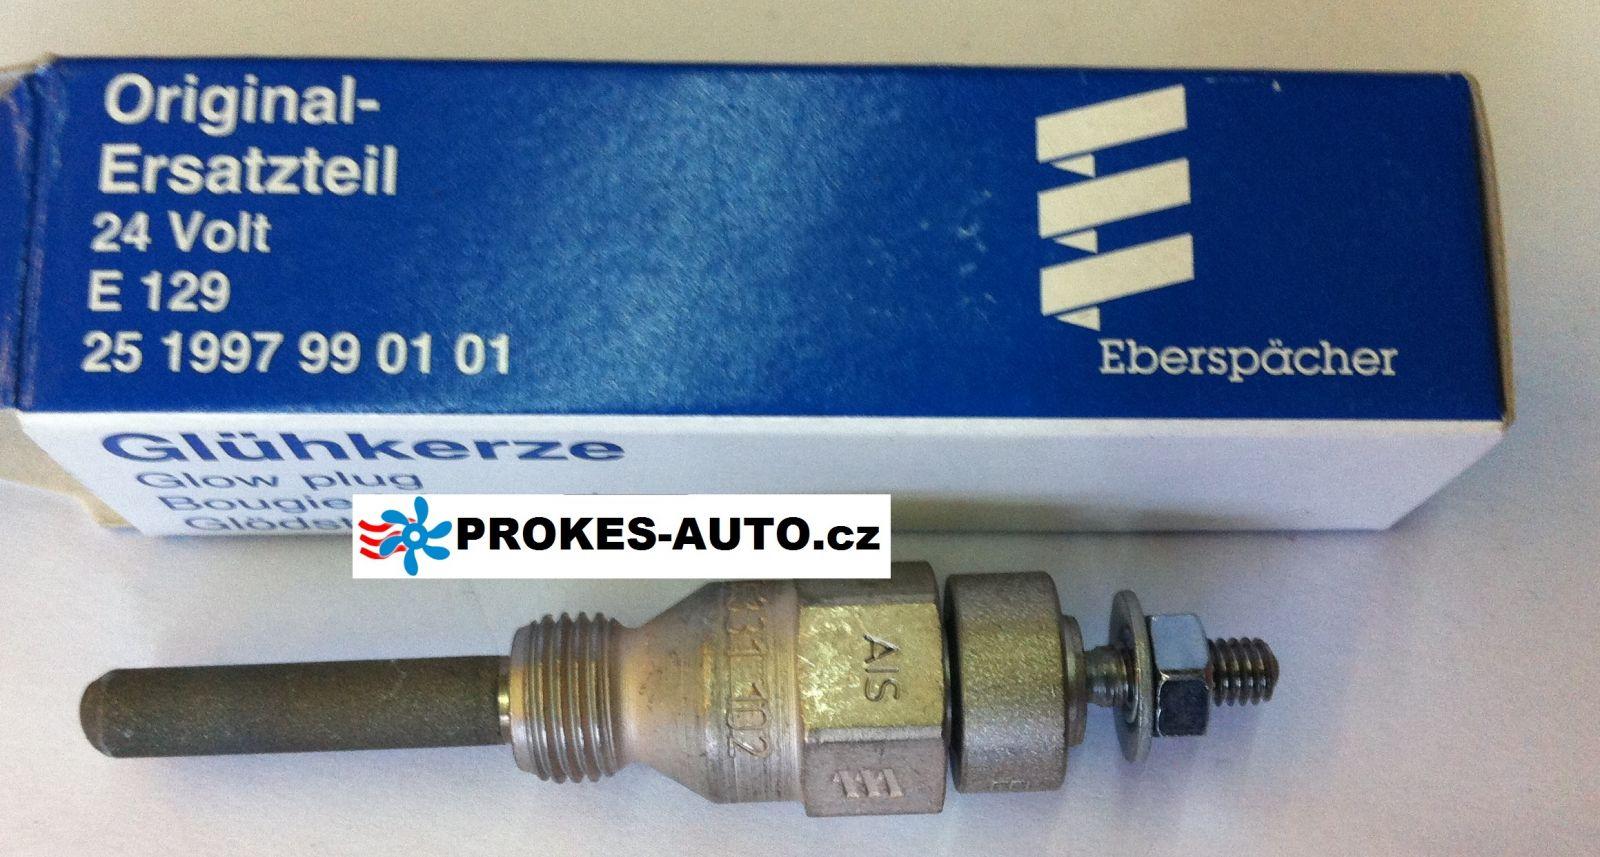 Žhavící svíčka E129 24V Hydronic 10 / D9W 251997990101 Eberspächer